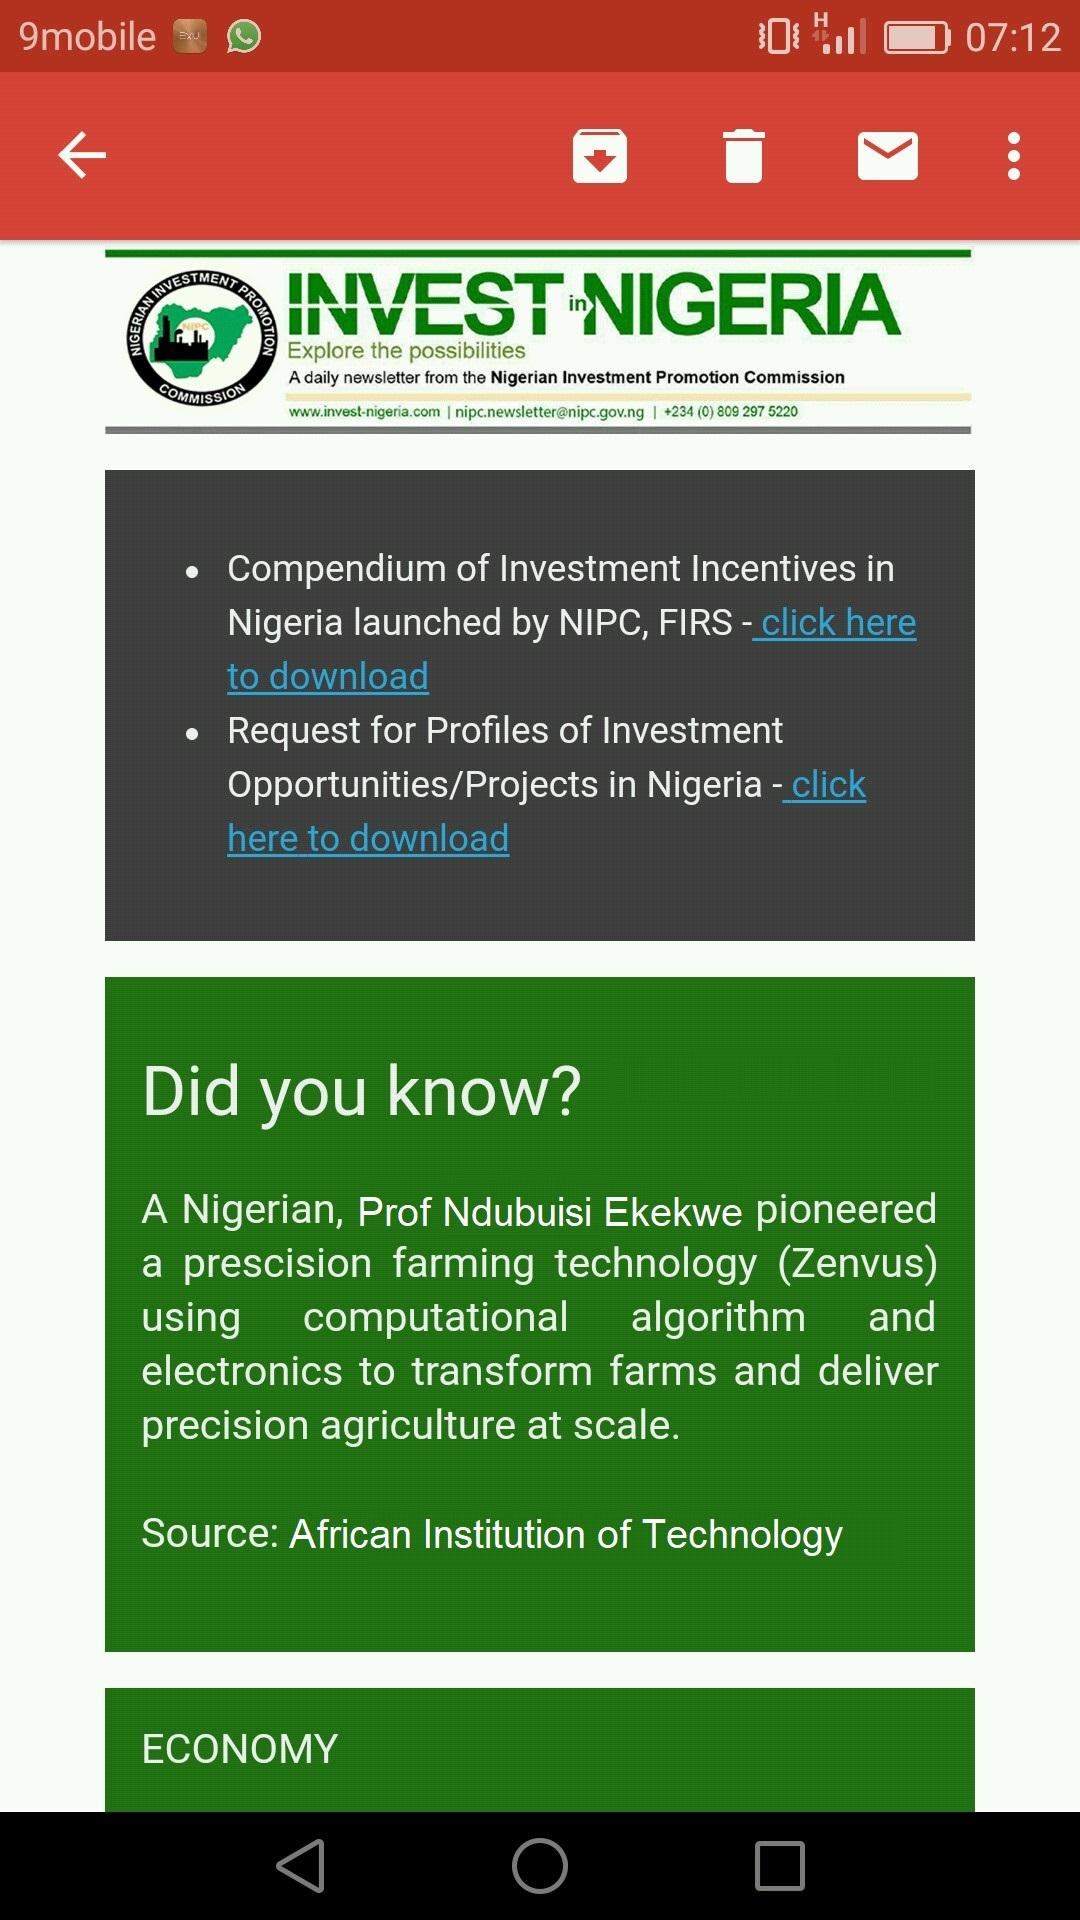 Zenvus - Invest in Nigeria NIPC